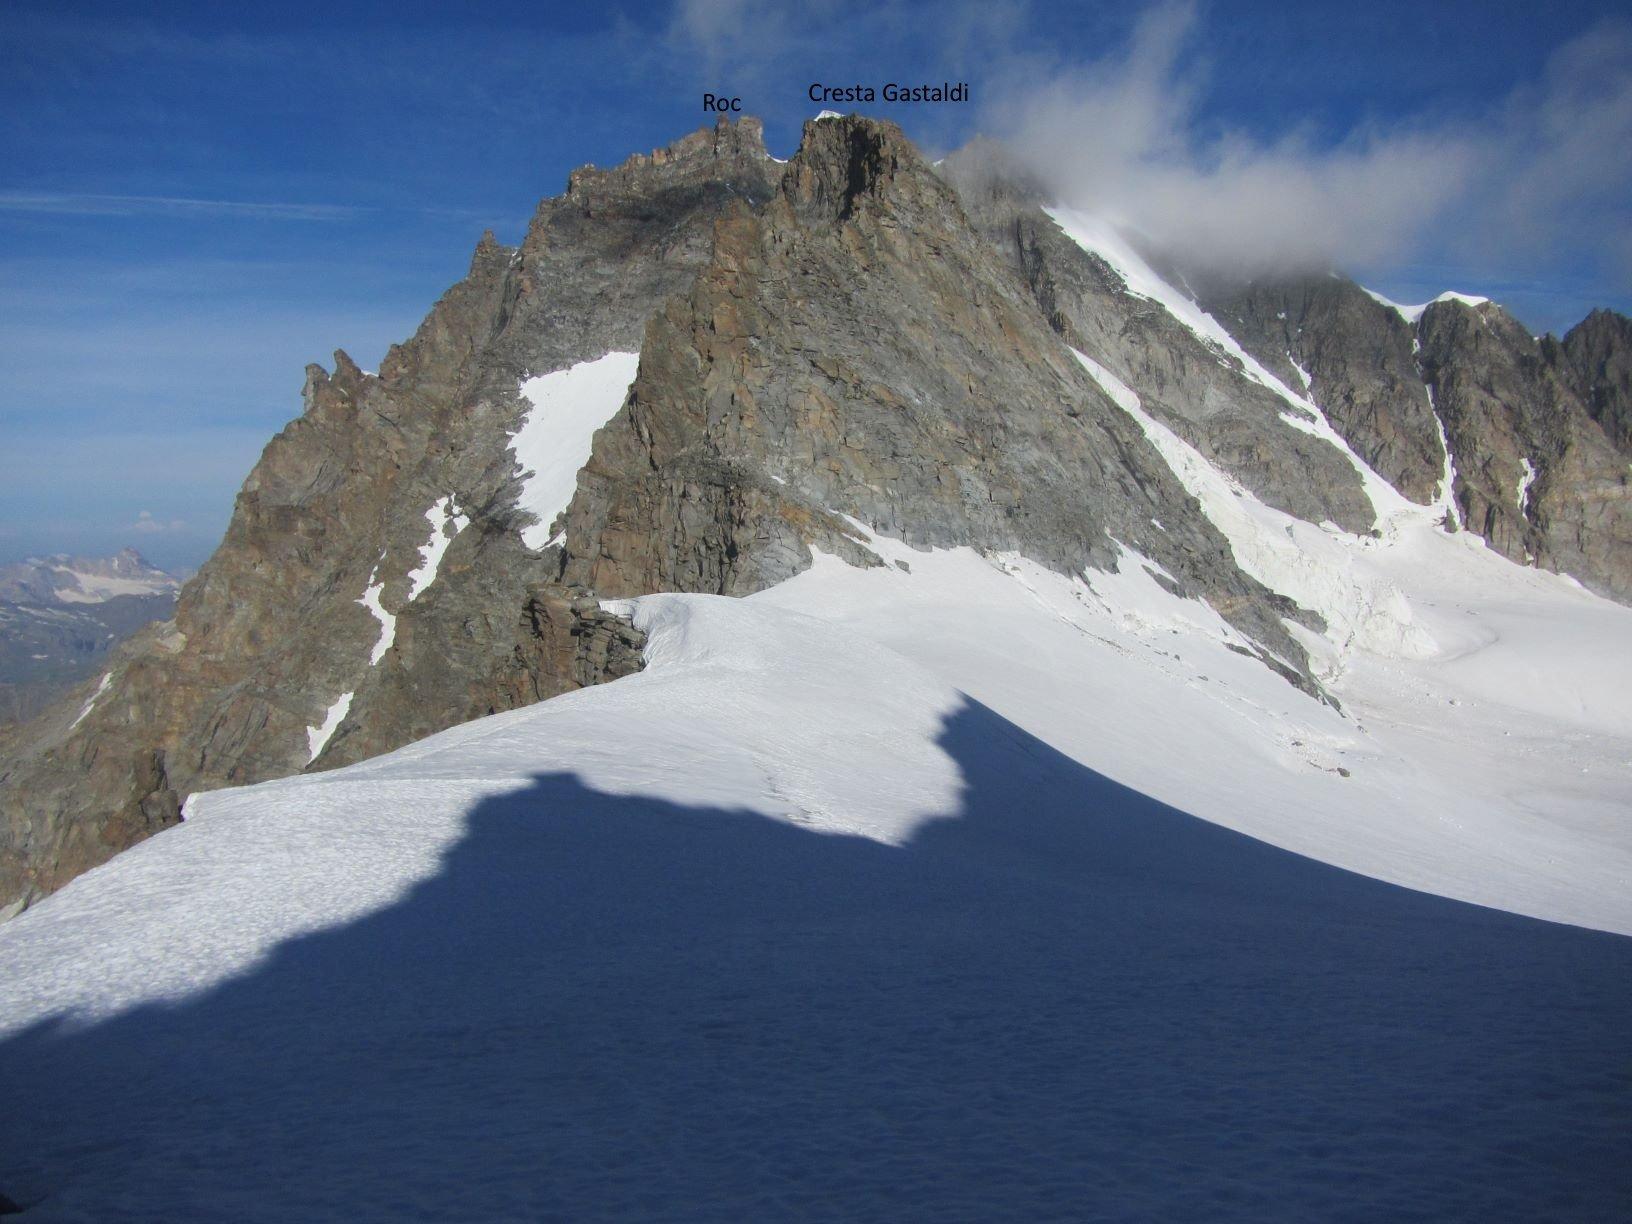 Cresta Gastaldi e Roc sullo sfondo